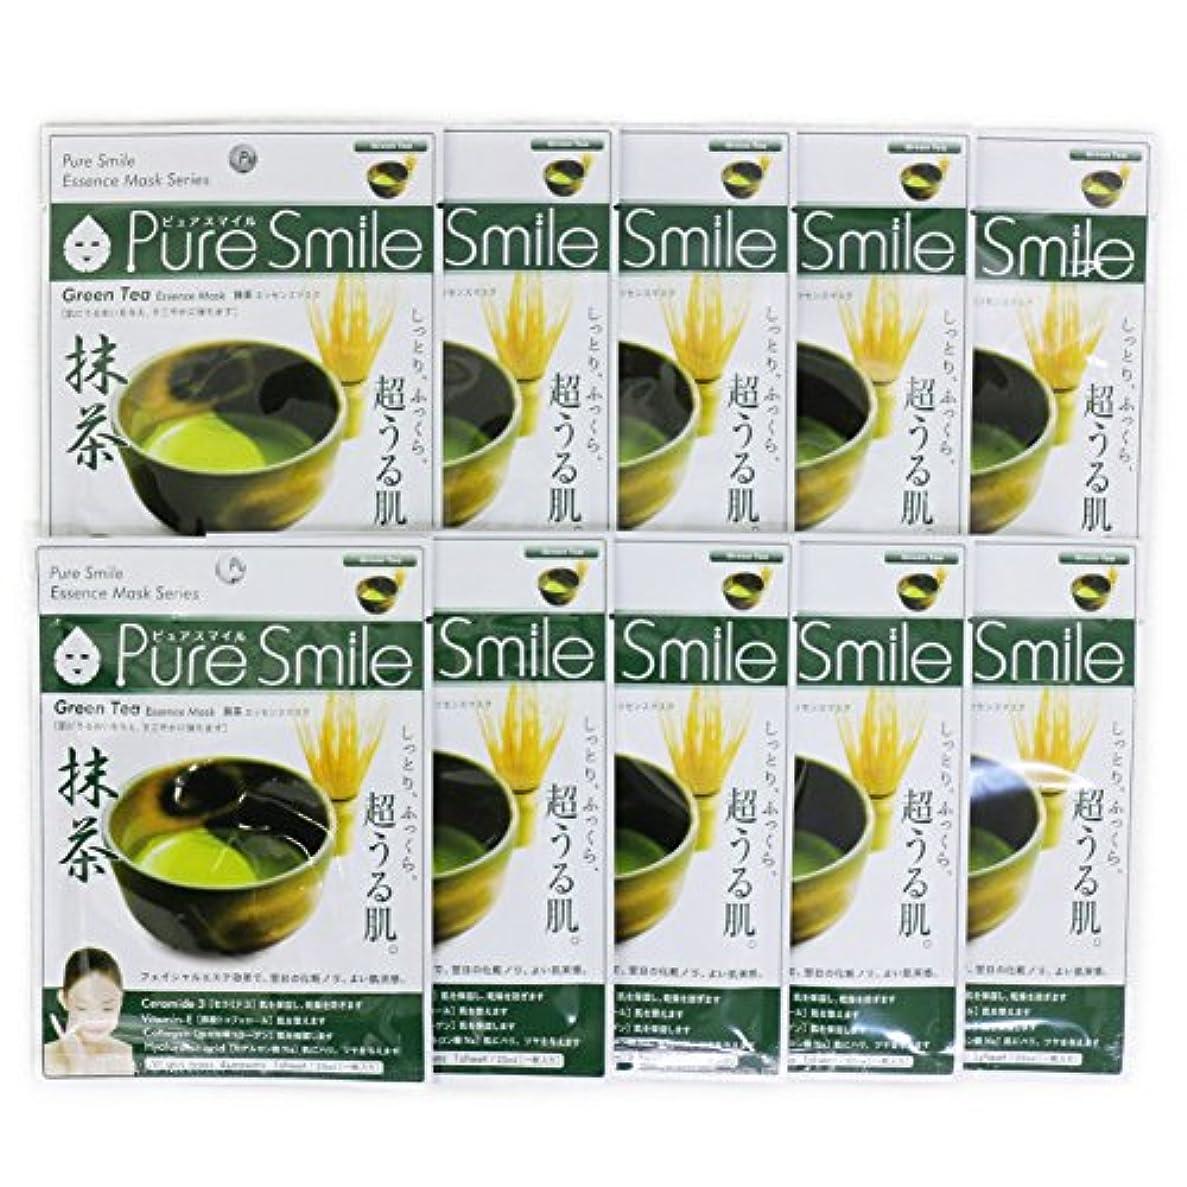 助けになる非武装化仲人Pure Smile ピュアスマイル エッセンスマスク 抹茶 10枚セット